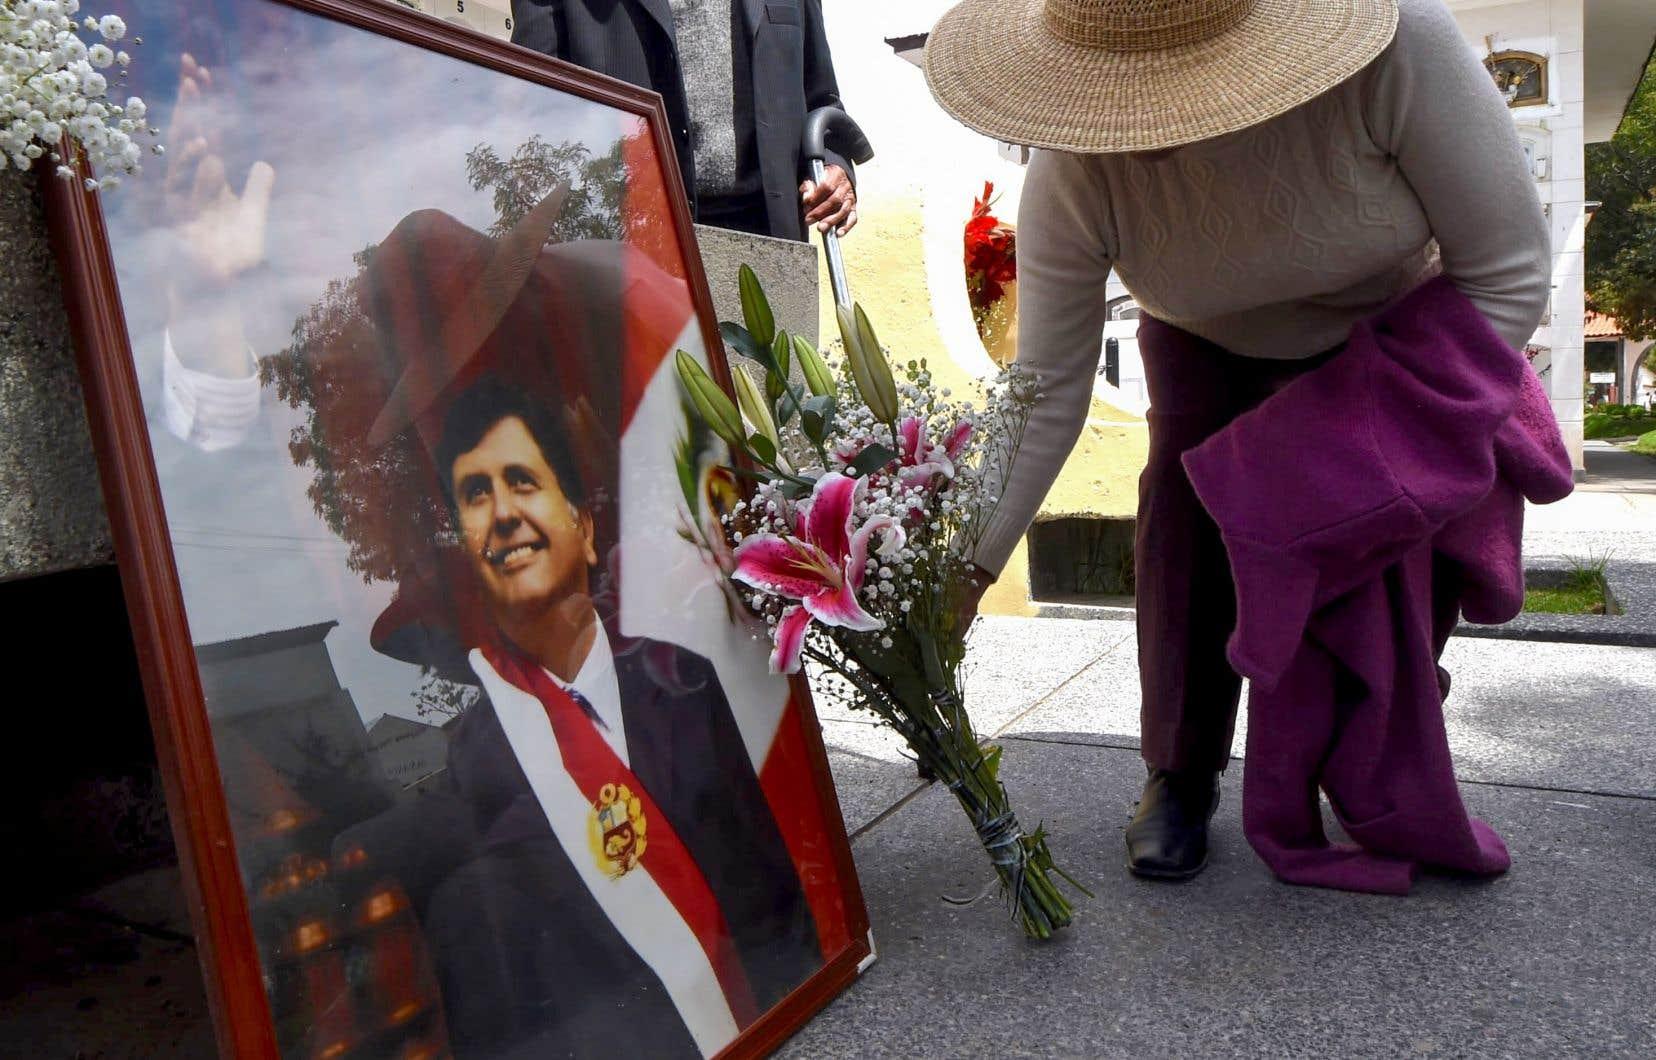 La lettre d'adieu d'Alan Garcia a été lue par une de ses filles lors ses obsèques à Lima.Le gouvernement avait décrété trois jours de deuil national, du 17 au 19 avril, et ordonné la mise en berne du drapeau national sur les institutions publiques.